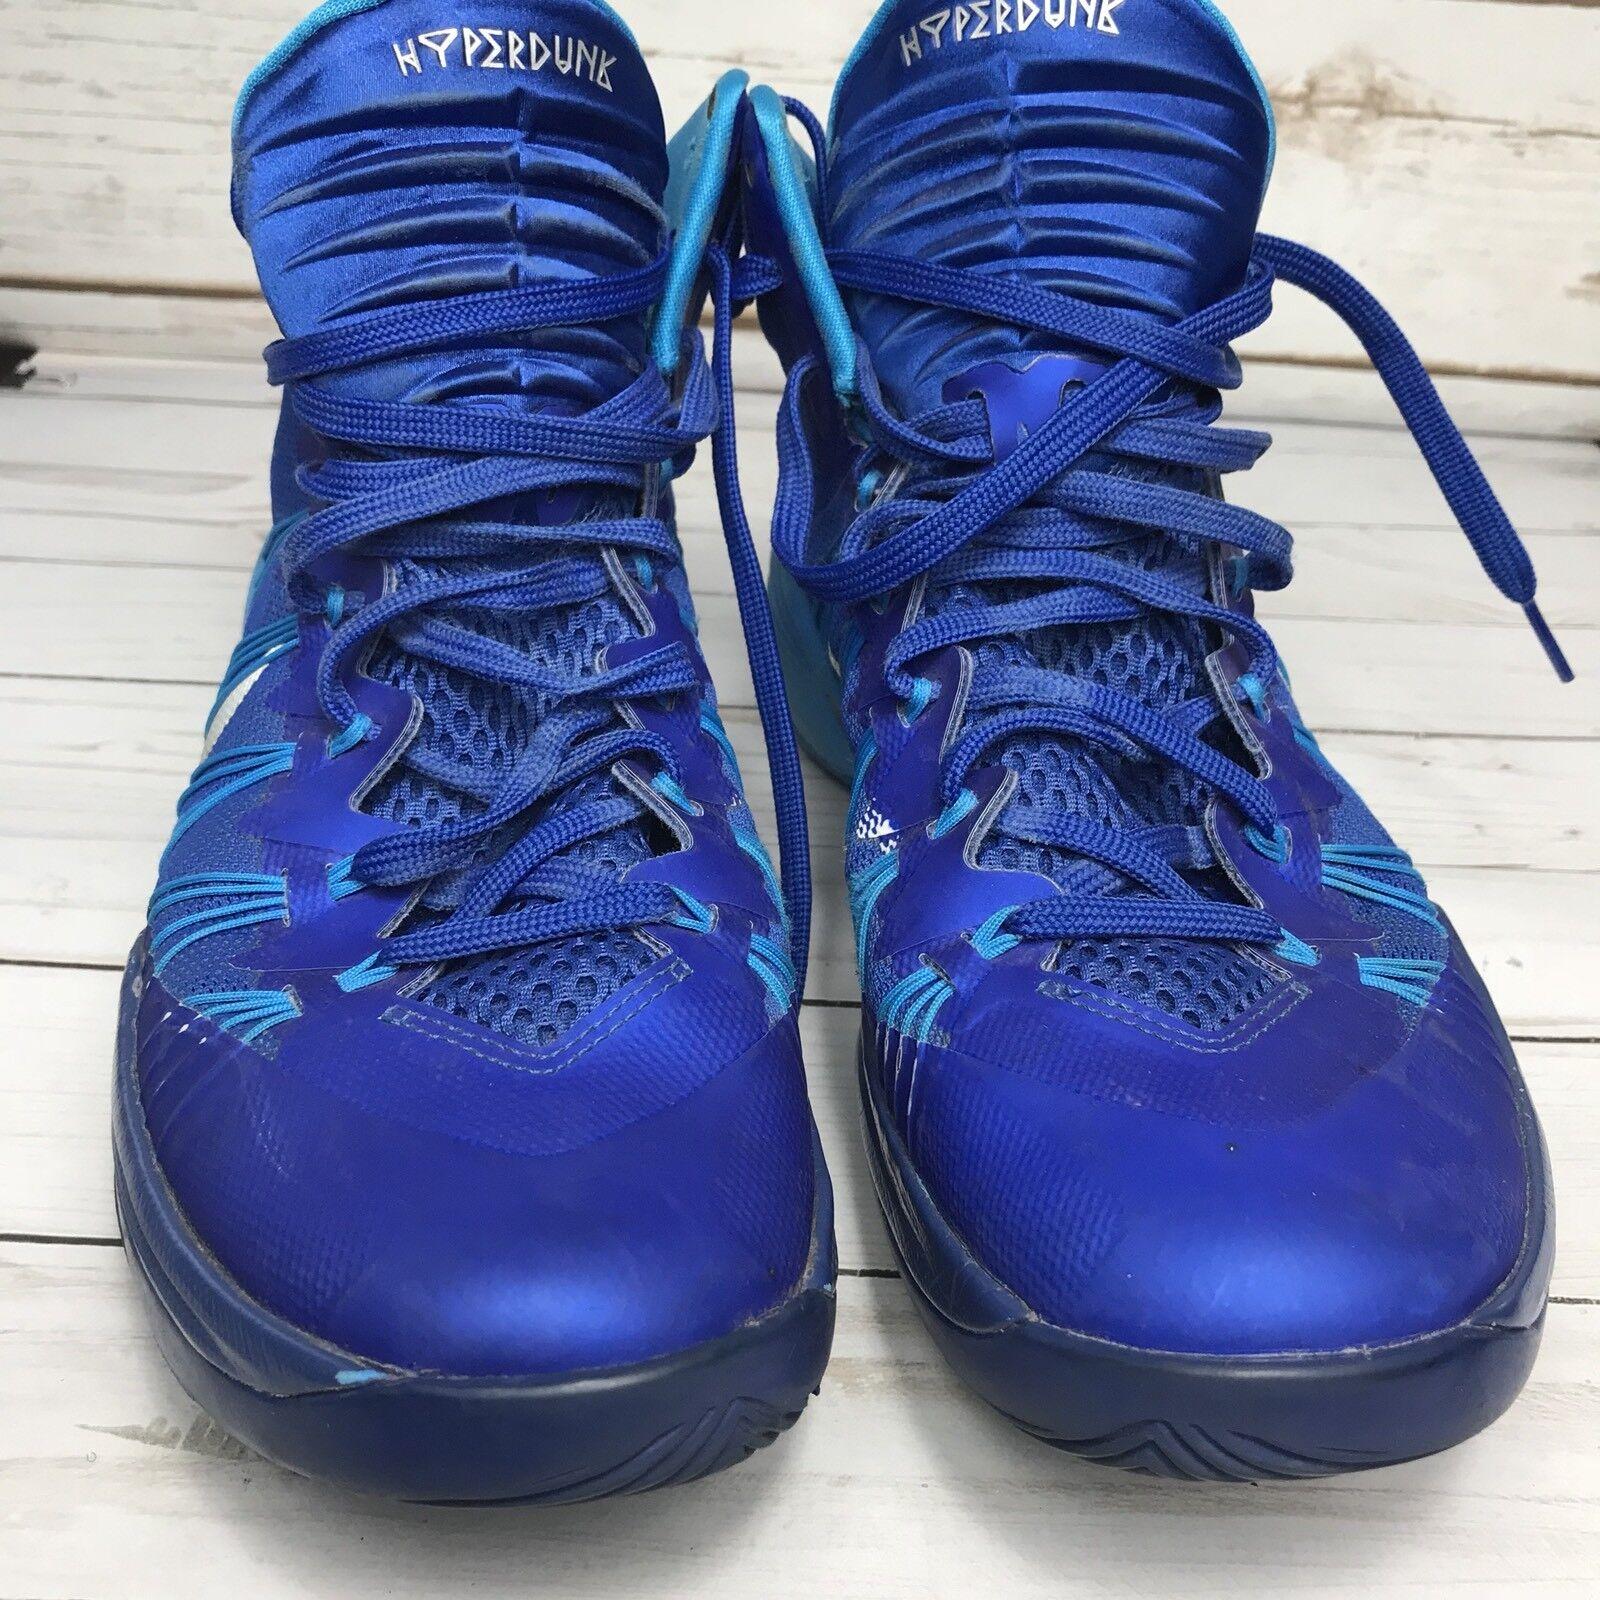 Nike Hyperdunk 2018 Men Basketball Shoes 584433-402 Blue High Top Sneaker Sz 9.5